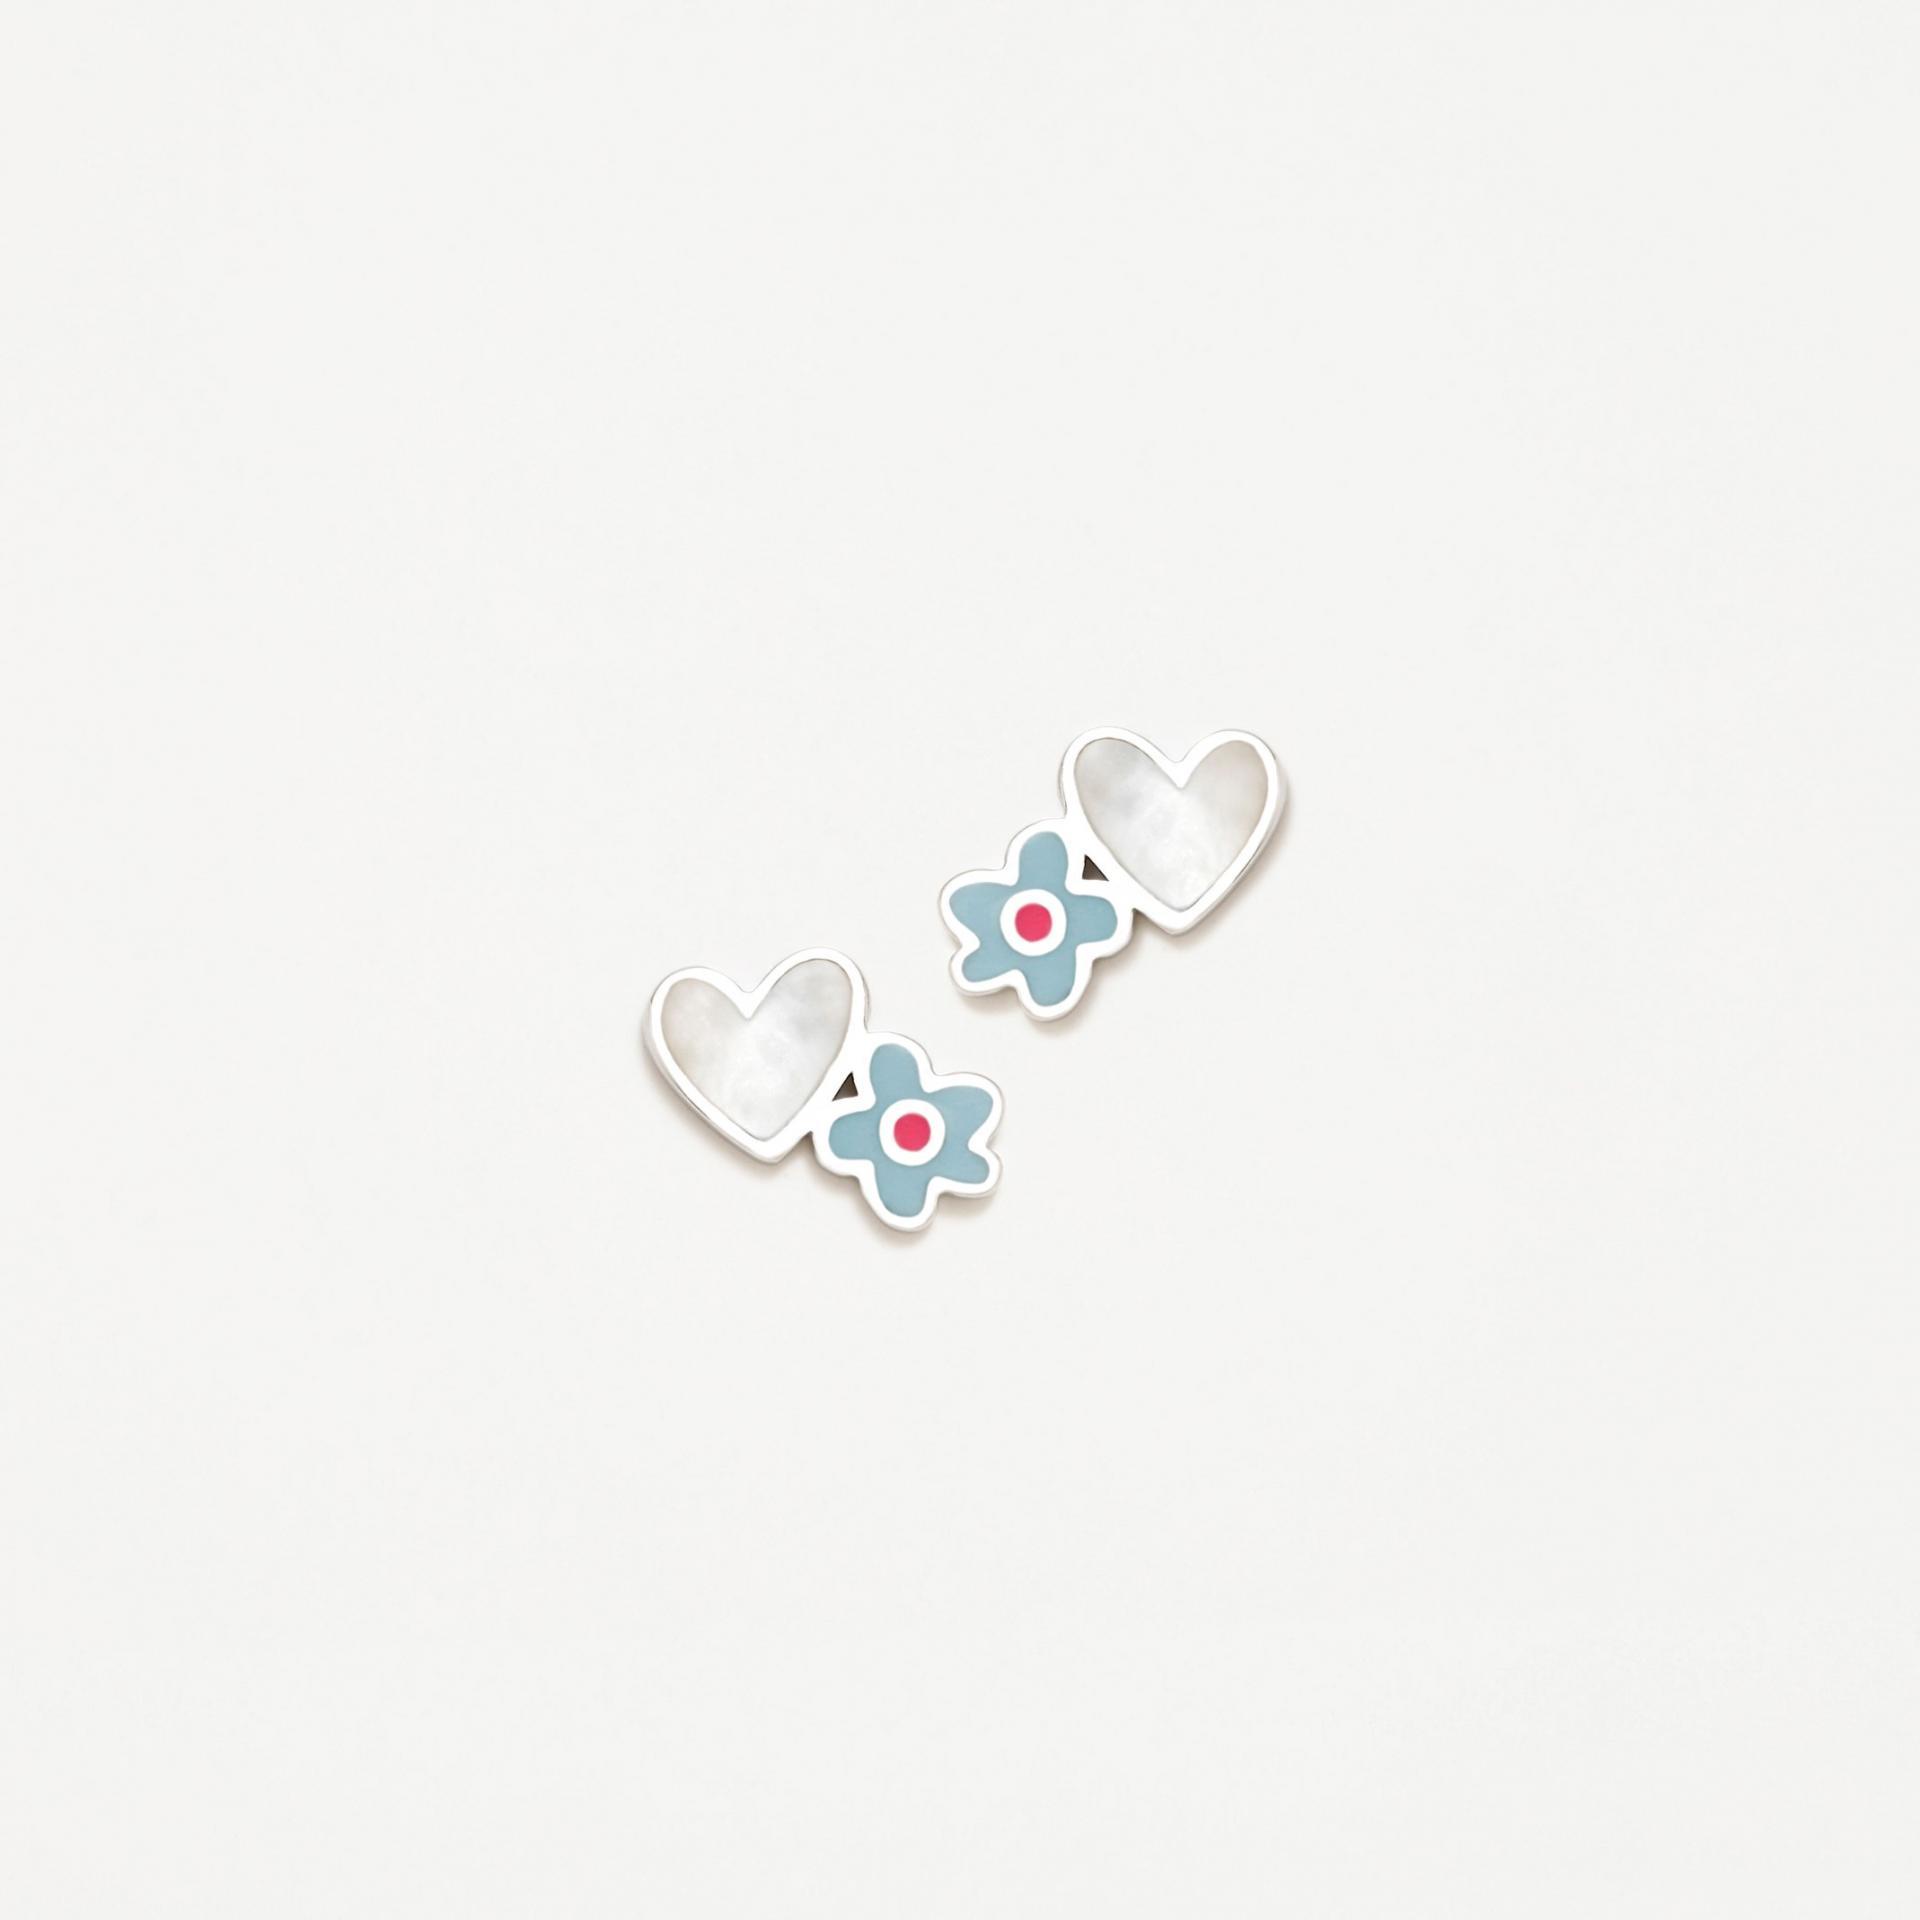 Pendientes plata Agatha Ruiz de la Prada  flor azul  corazón madreperla